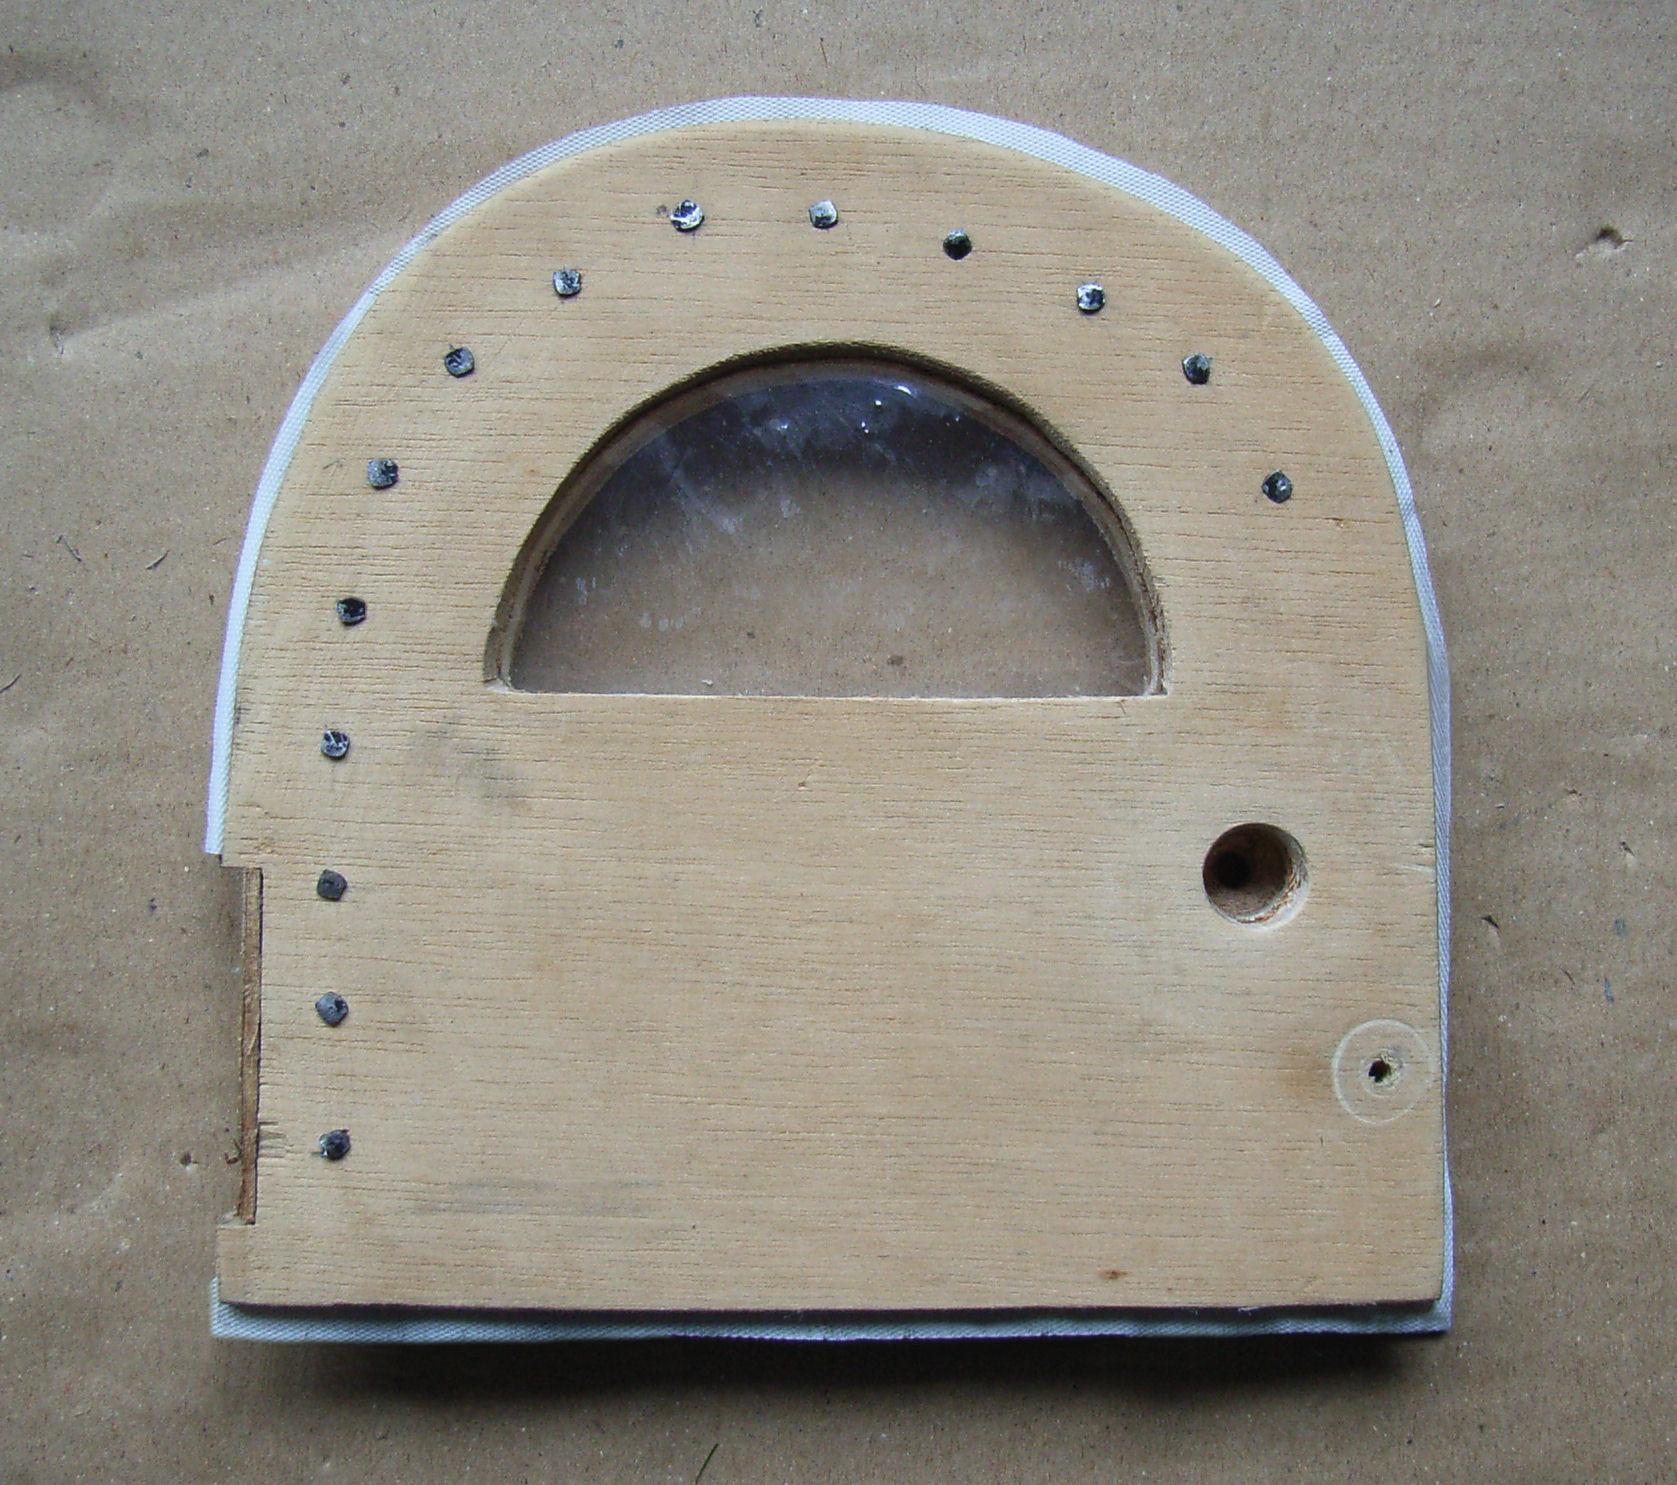 Picture of The Basic Rabbit Door